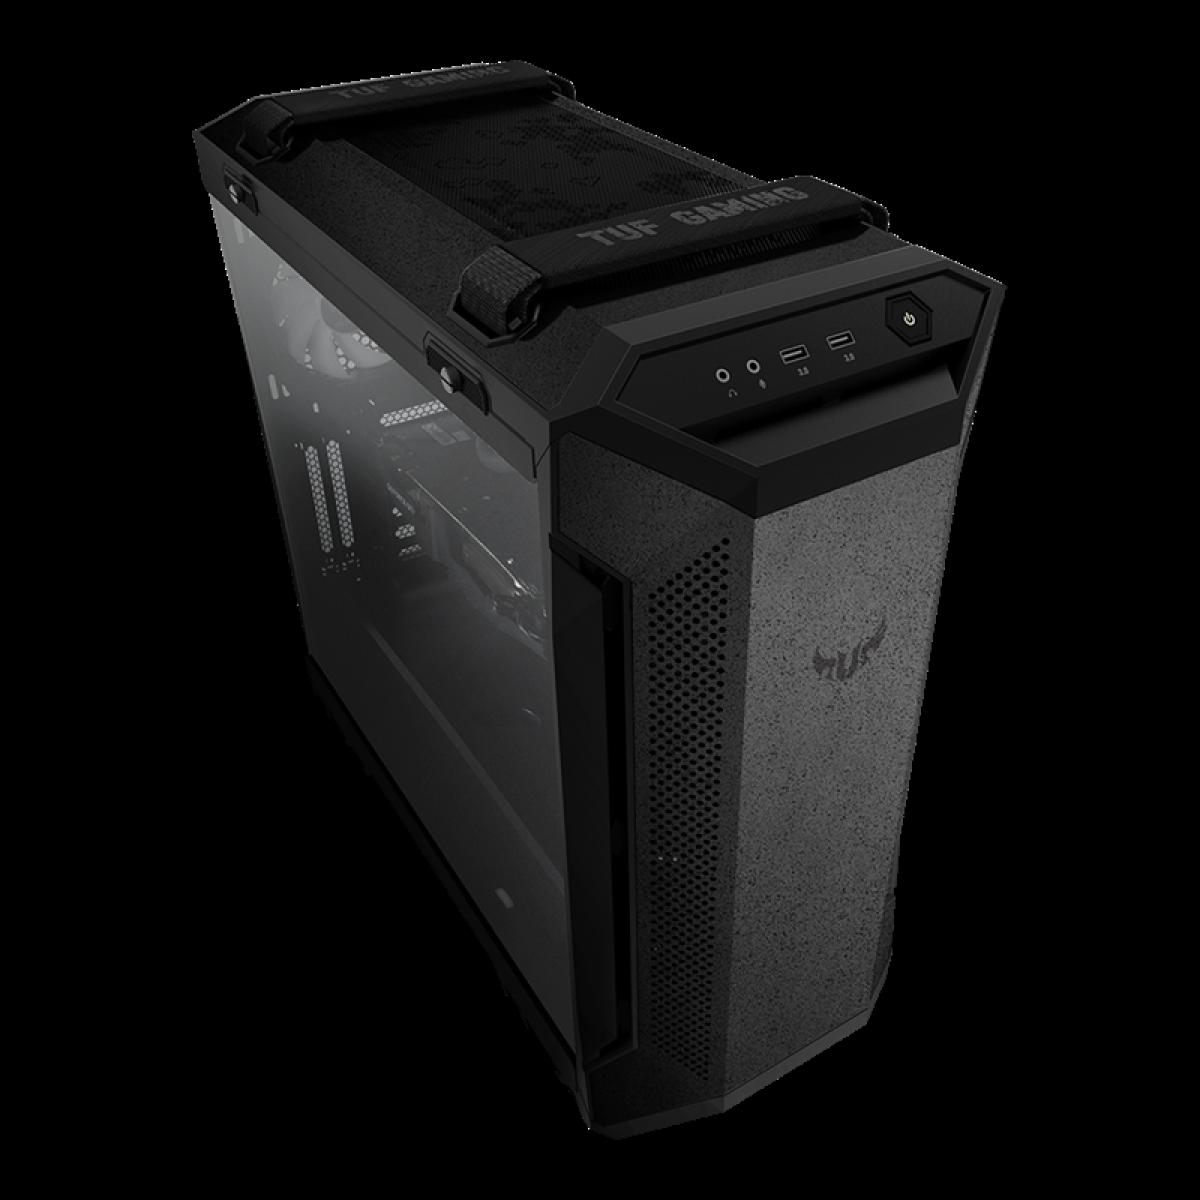 Gabinete Gamer ASUS TUF Gaming GT501, Mid-Tower, Vidro Temperado, Black, E-ATX, Sem Fonte, Com 4 Fans, 90DC0012-B40000